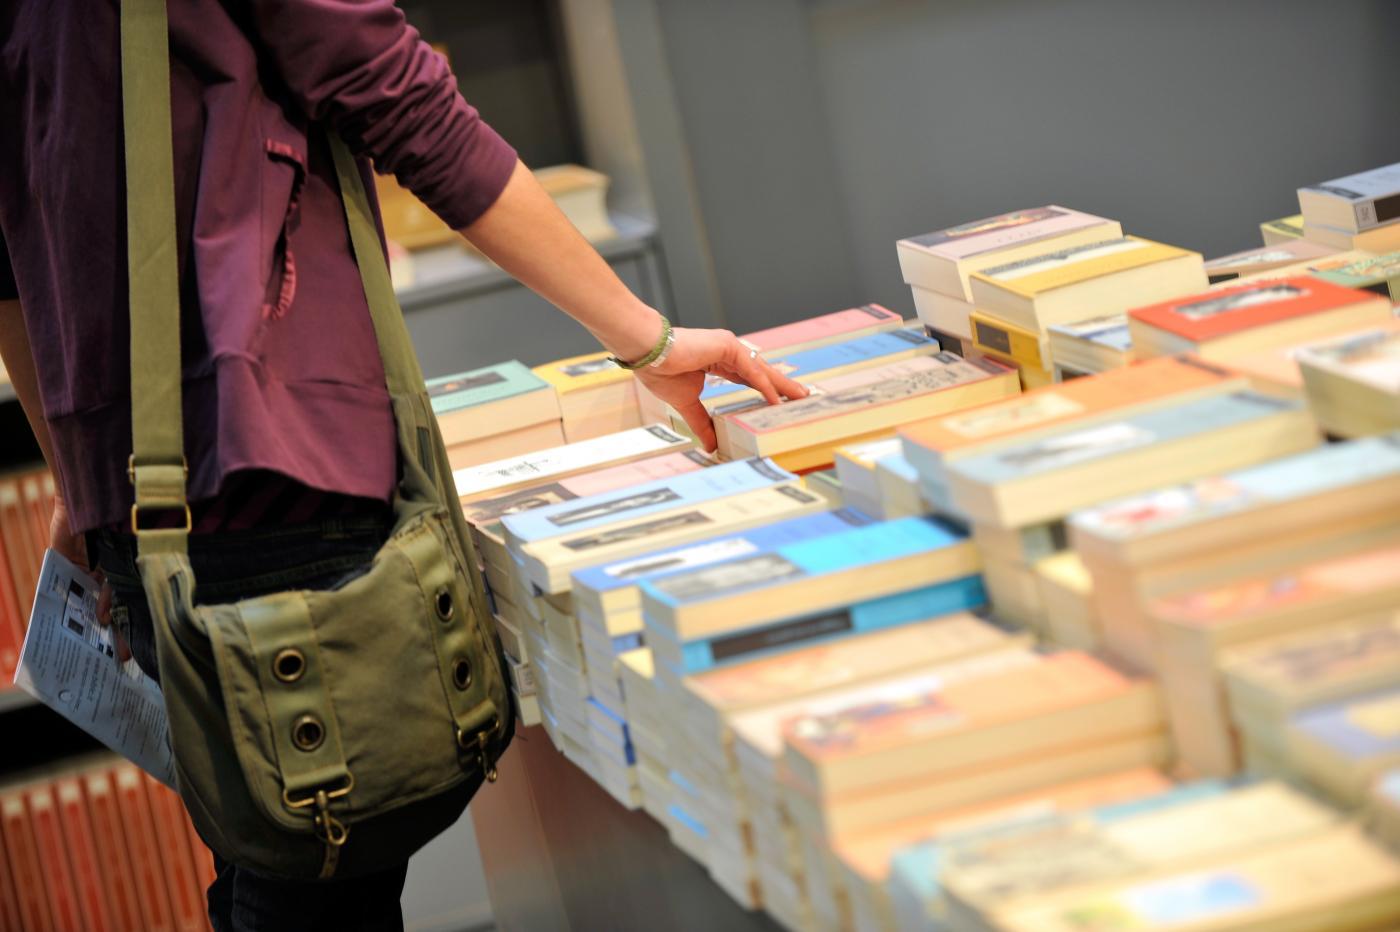 I libri più venduti della settimana: la classifica dal 5 all'11 novembre 2014